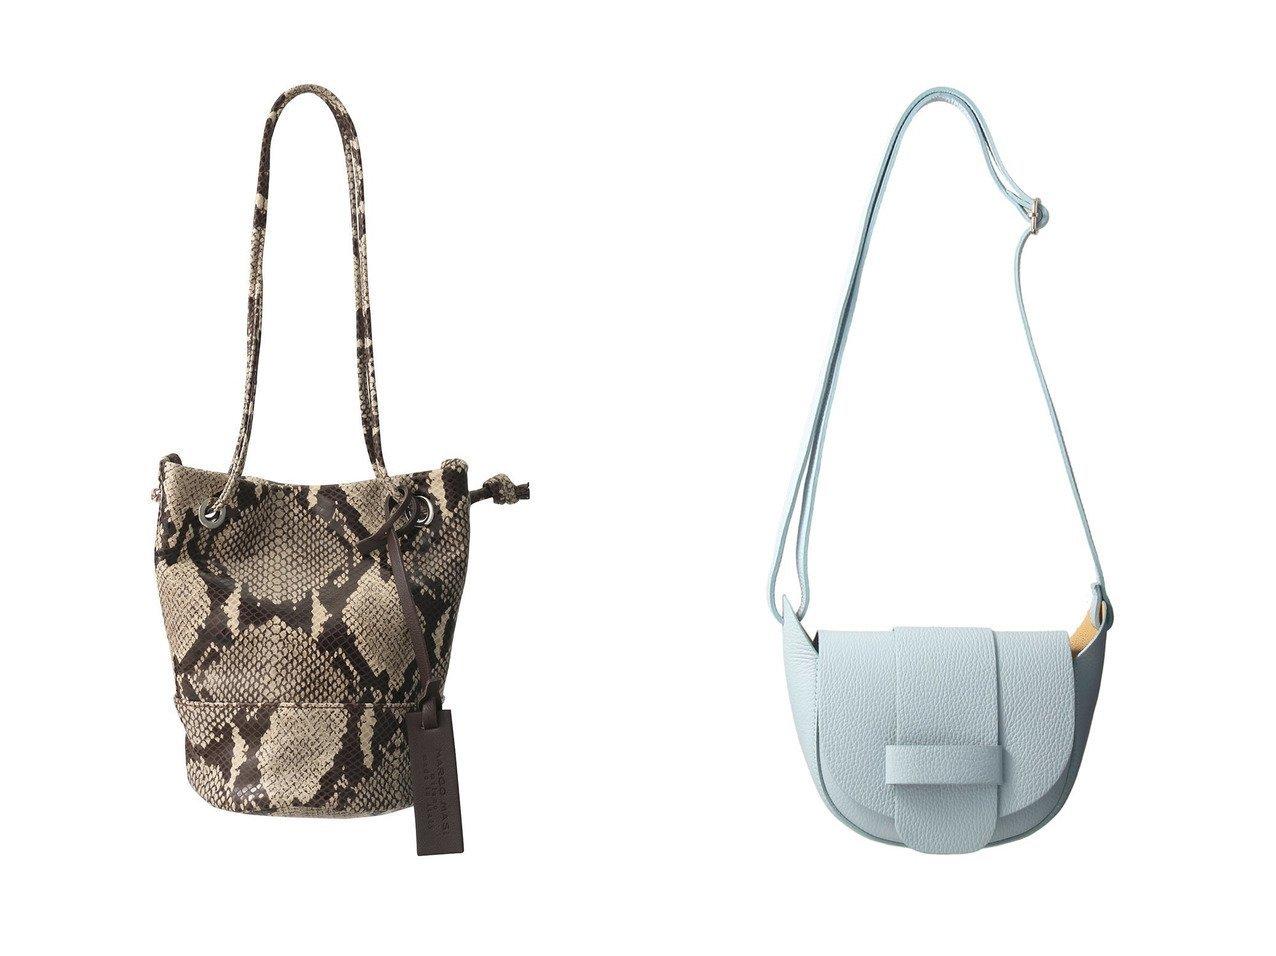 【heliopole/エリオポール】の【MARCO MASI】パイソンミニドロストバッグ&【MILOS】ハーフムーンショルダーバッグ 【バッグ・鞄】おすすめ!人気、トレンド・レディースファッションの通販  おすすめで人気の流行・トレンド、ファッションの通販商品 インテリア・家具・メンズファッション・キッズファッション・レディースファッション・服の通販 founy(ファニー) https://founy.com/ ファッション Fashion レディースファッション WOMEN バッグ Bag イタリア コンパクト ハンドバッグ パイソン ミラノ ラップ オケージョン フェミニン  ID:crp329100000062319